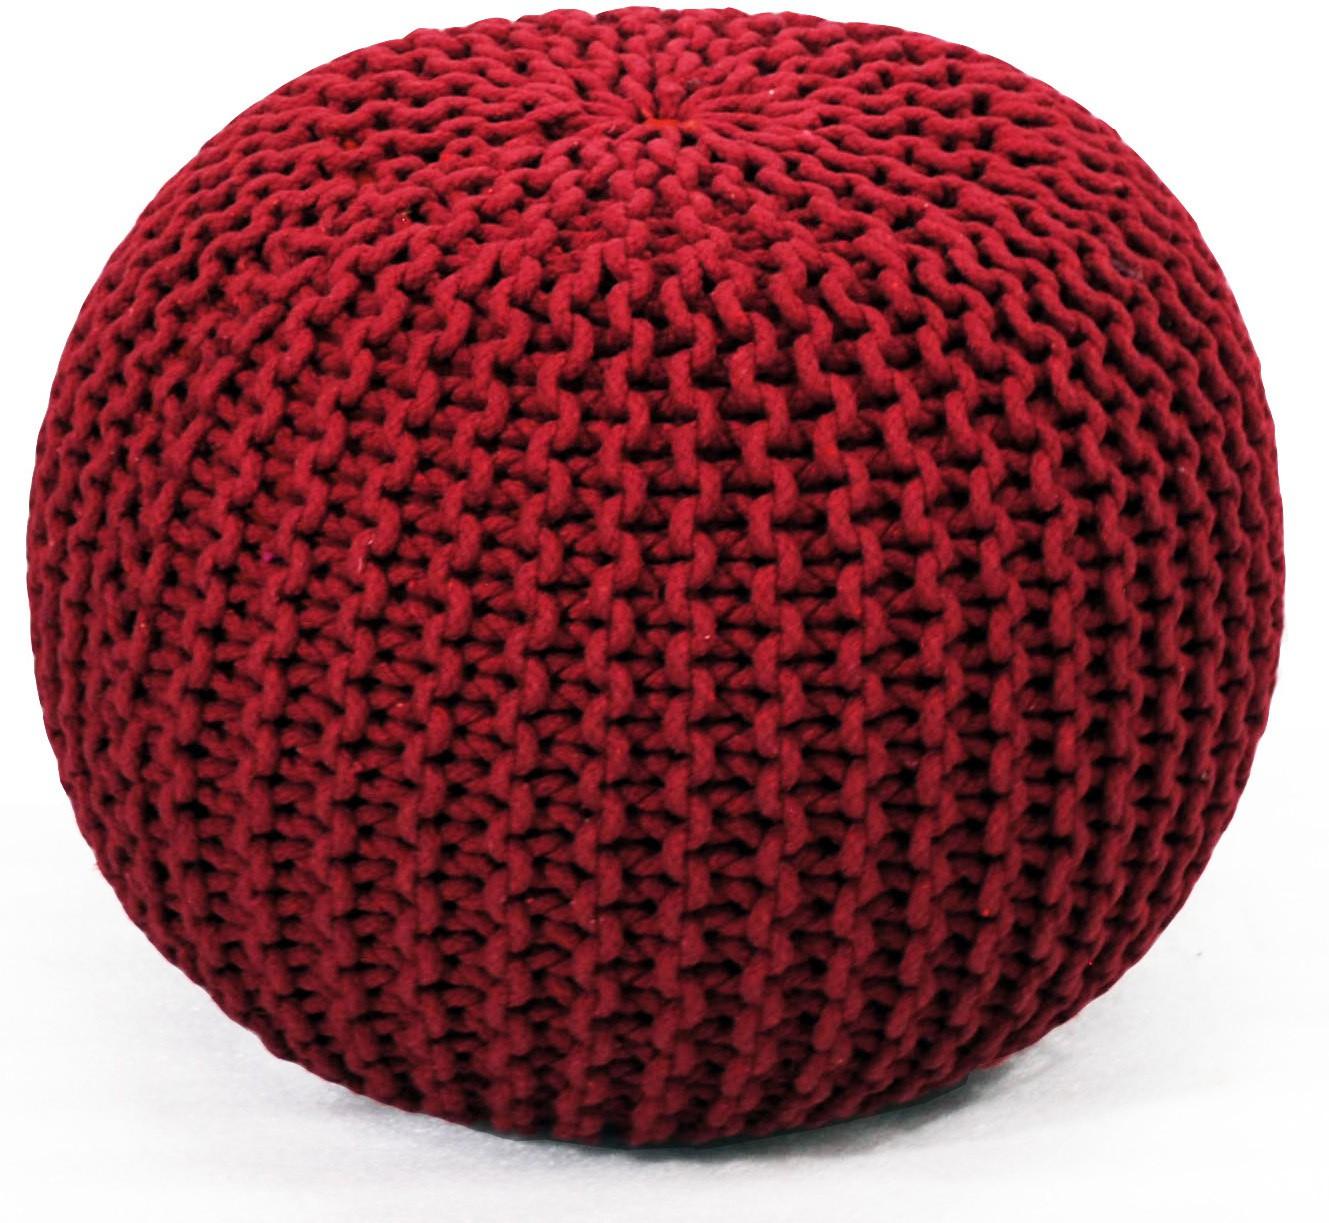 View Coro World Natural Fiber Pouf(Finish Color - Red) Furniture (Coro World)